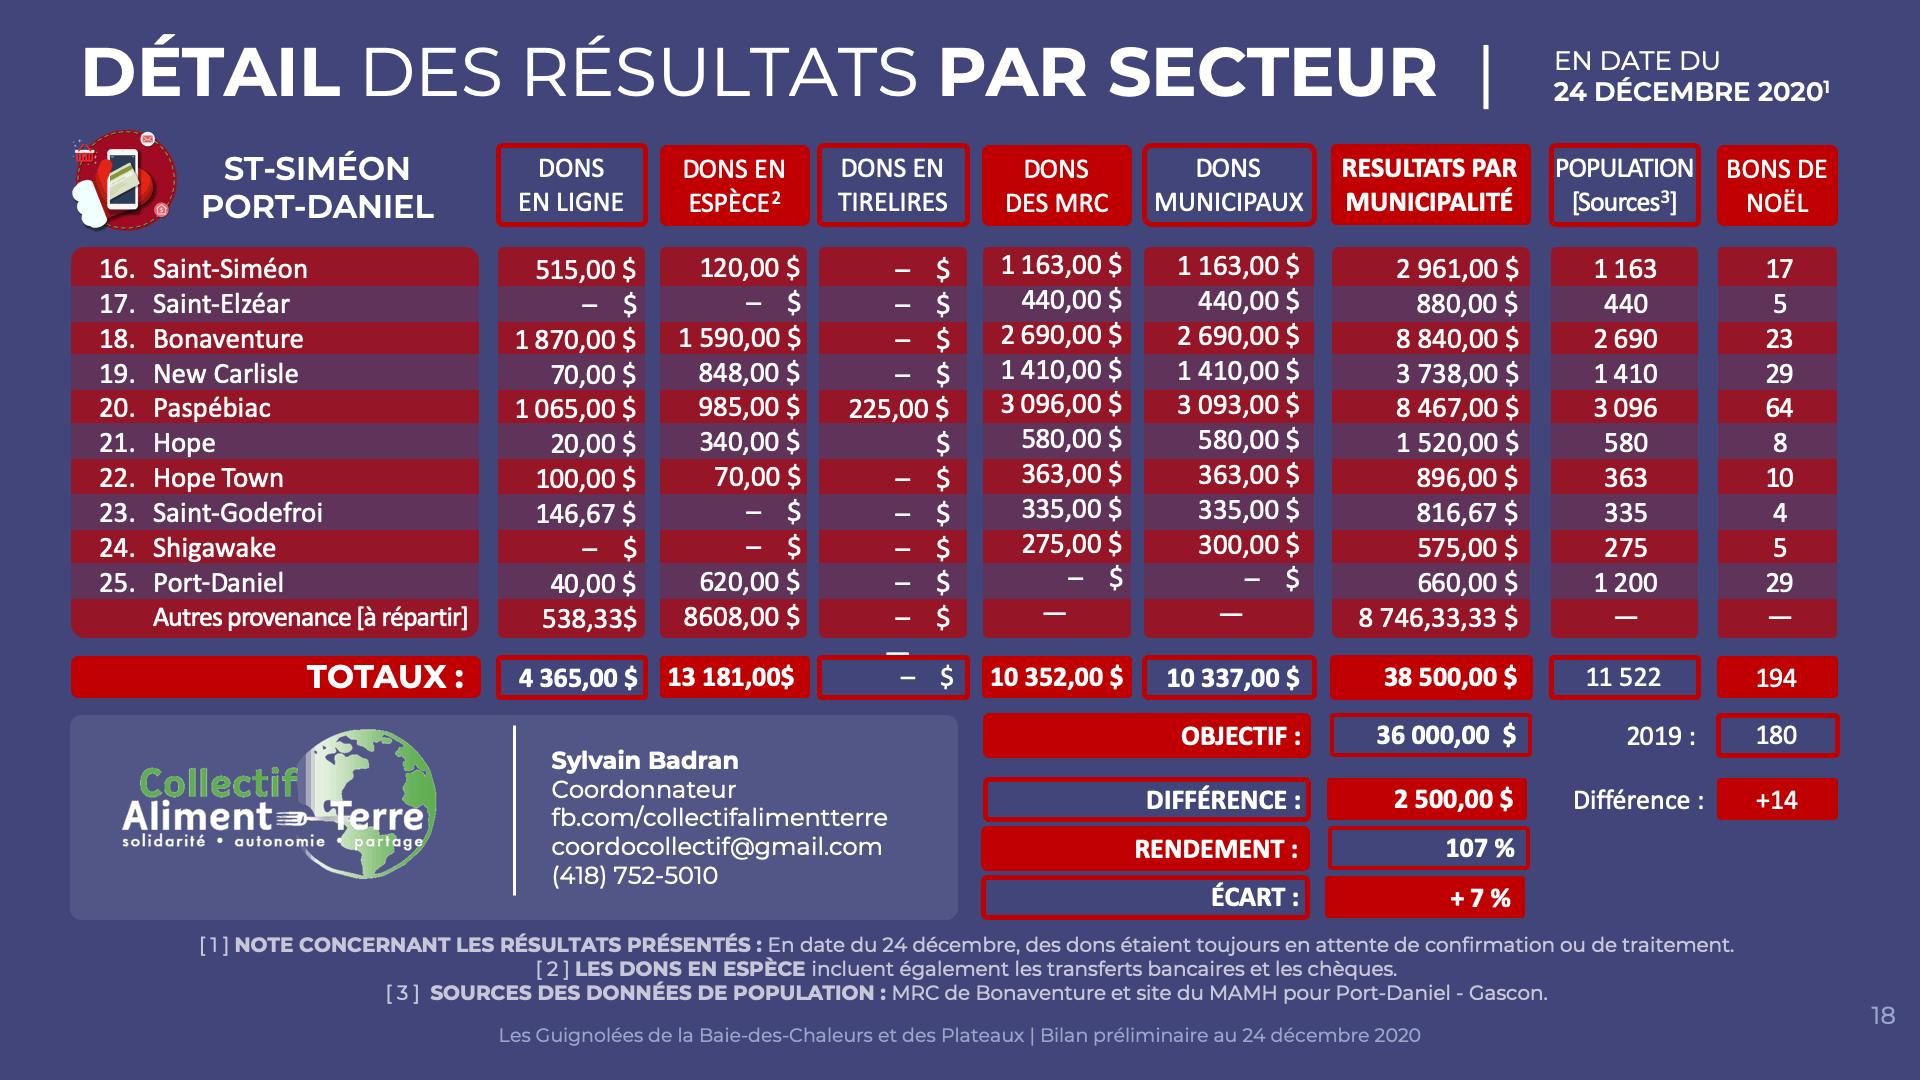 Détail Saint-Siméon Port-Daniel | 24 décembre 2020